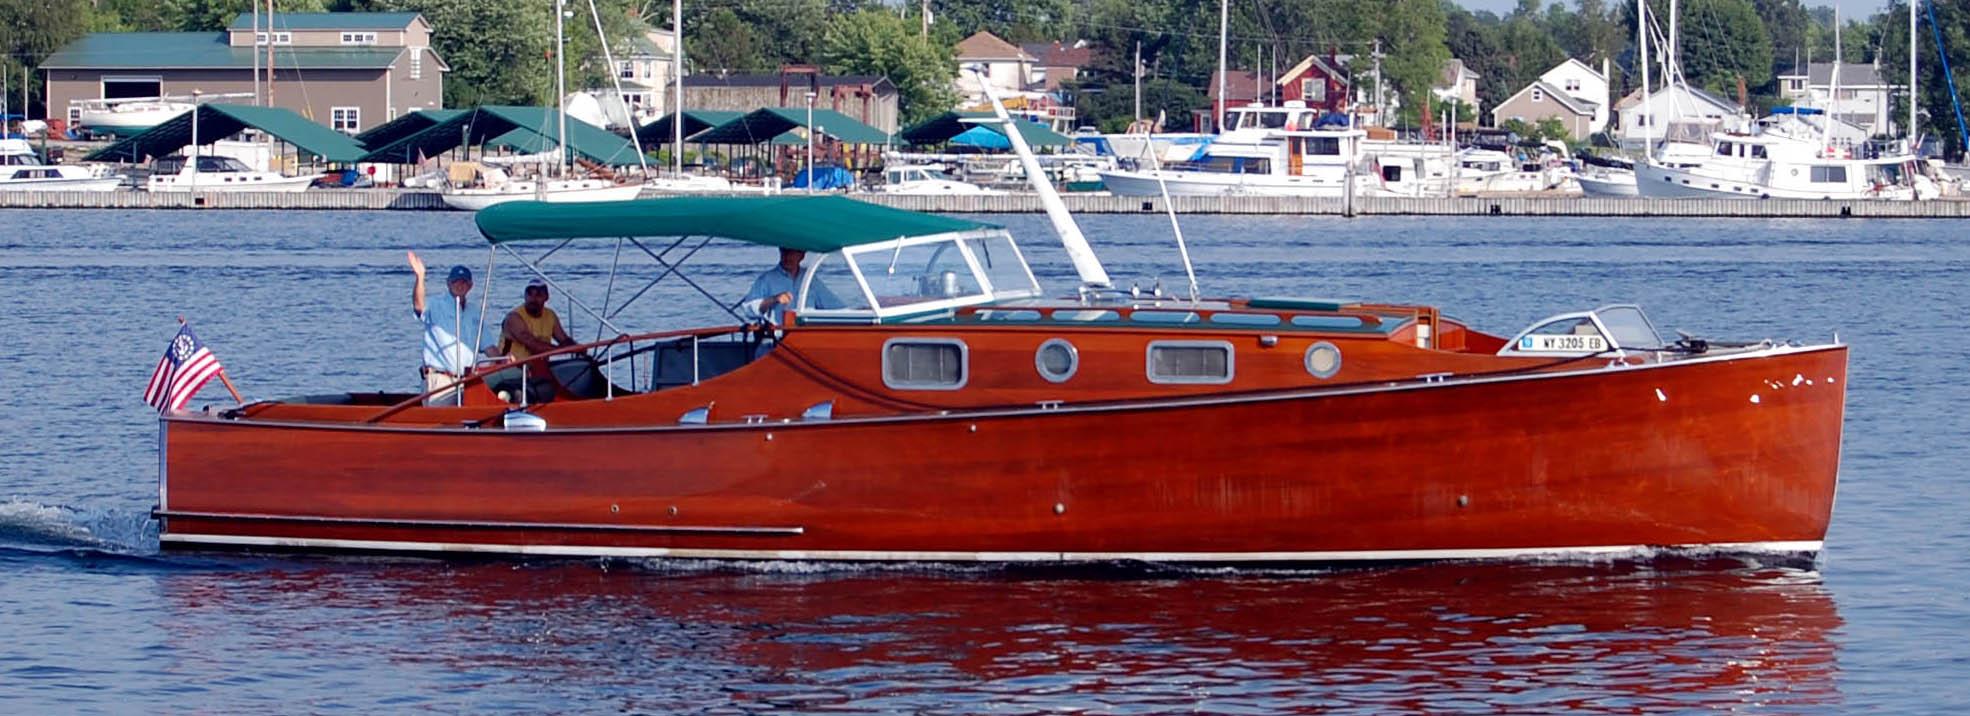 In-Water Fleet